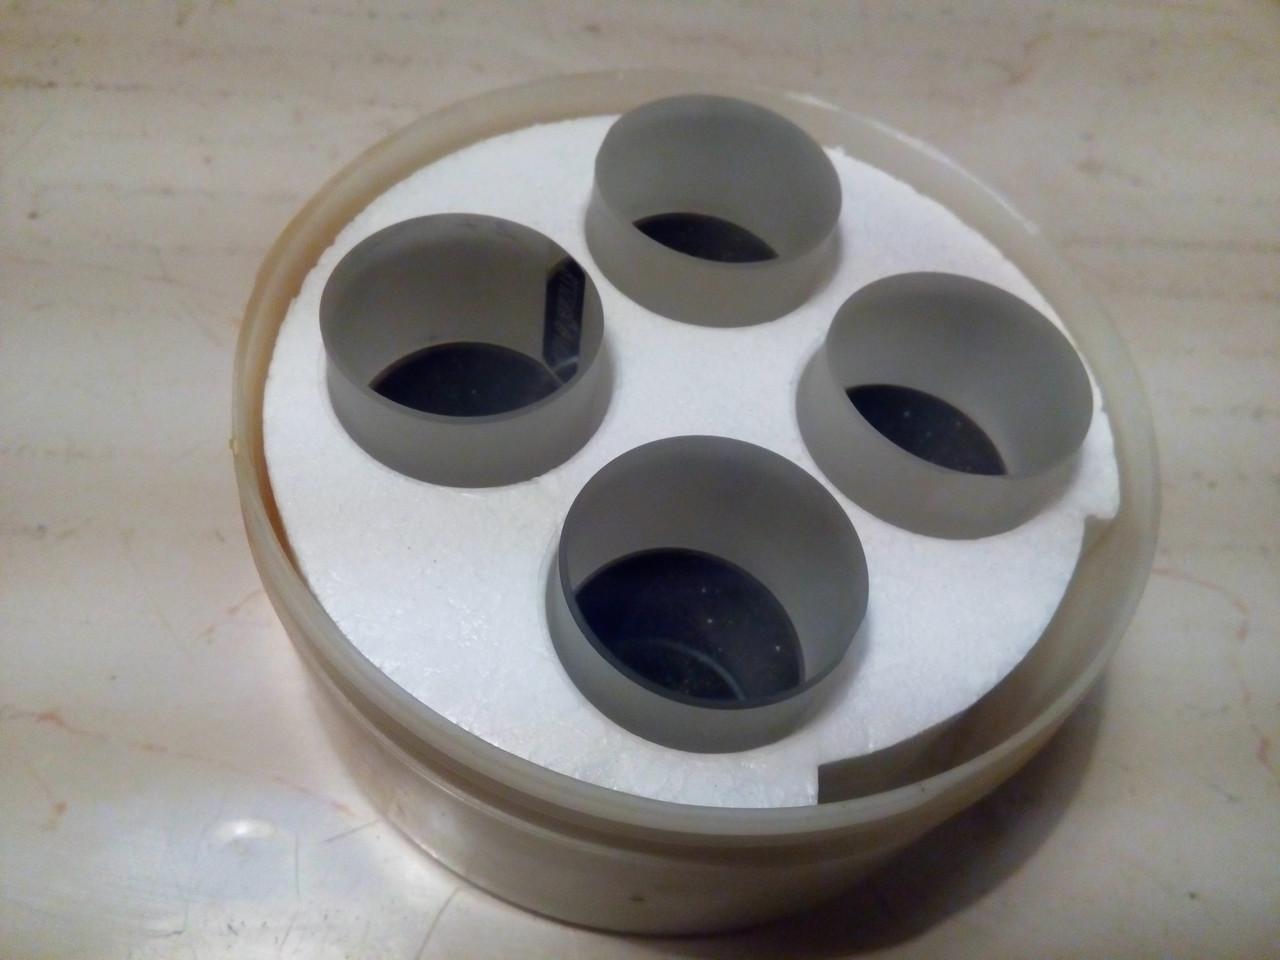 Пластины плоские стеклянные ПМ40 ГОСТ 1121-75, класс-2,возможна калибровка в УкрЦСМ